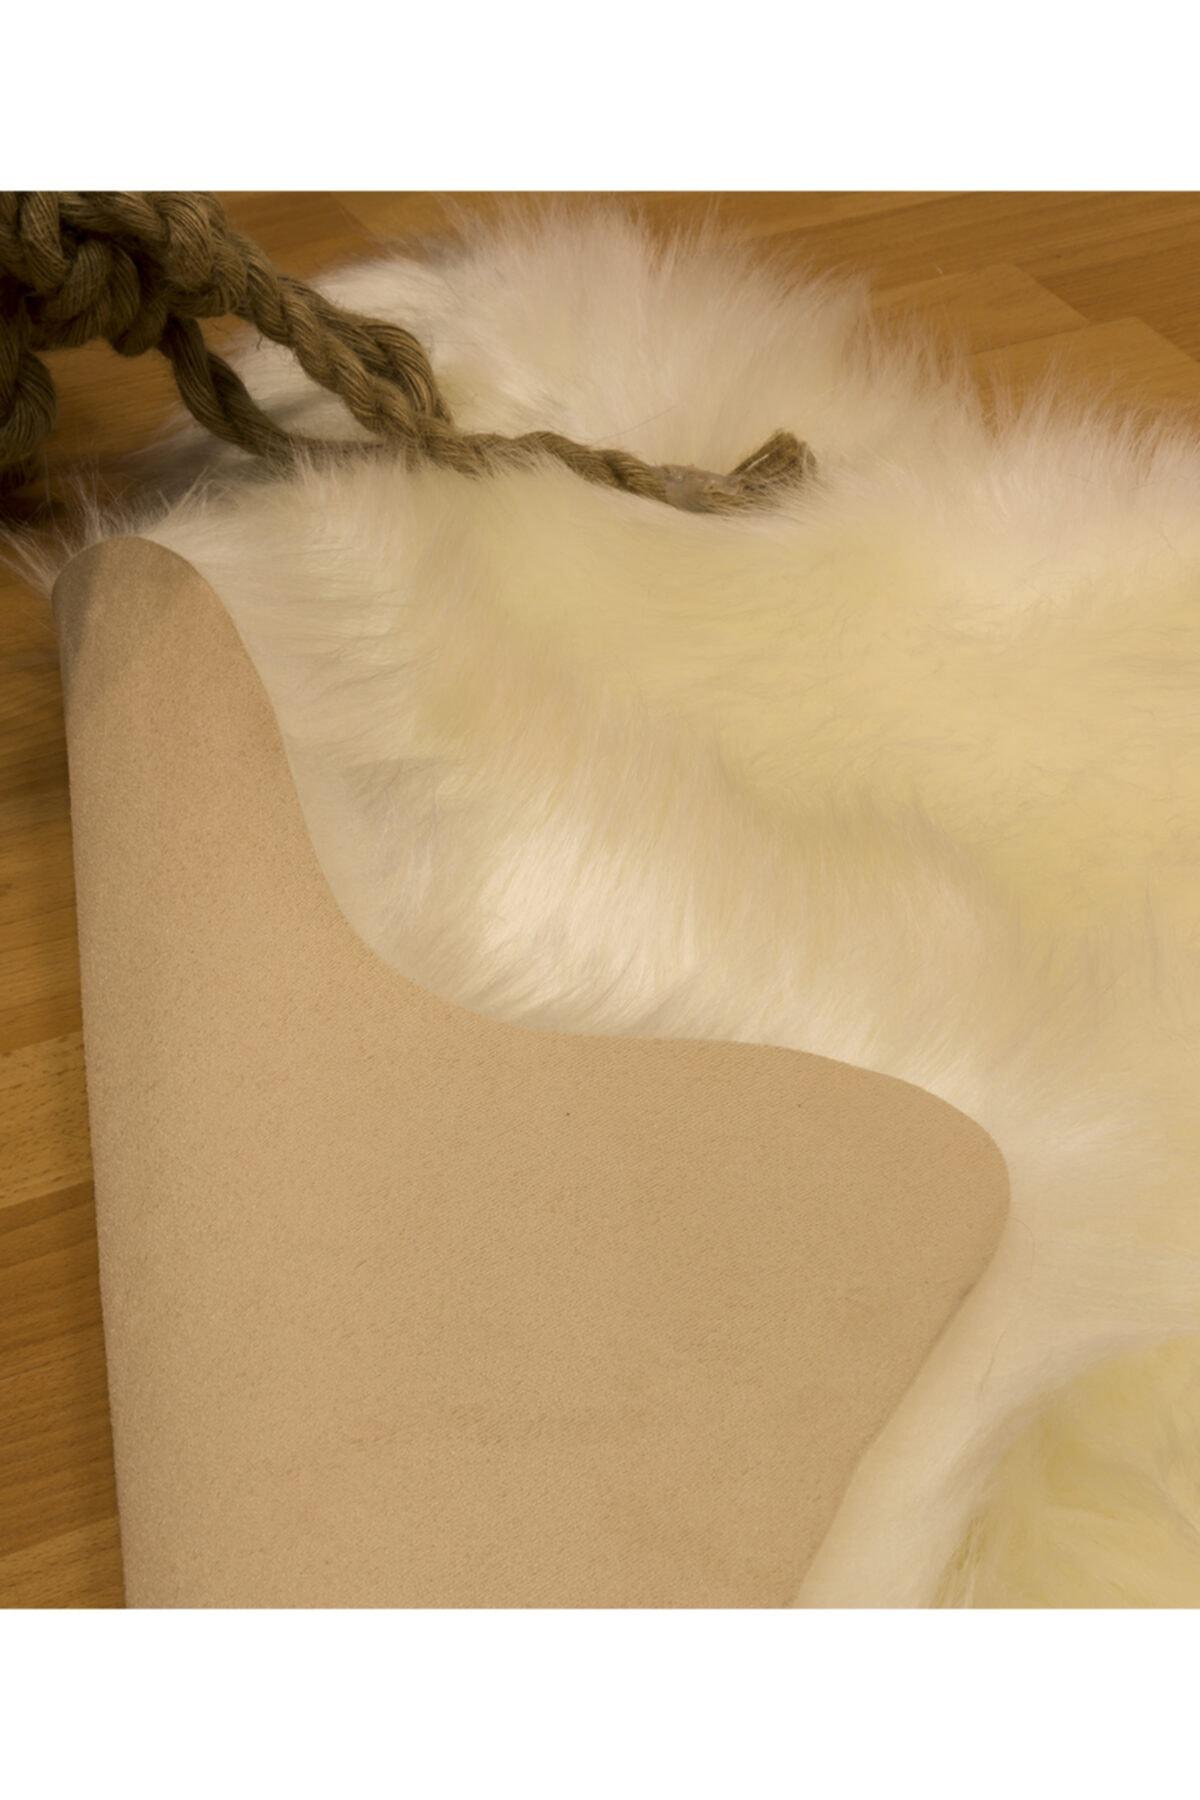 Mecra Home Koyun Postu Yıkanabilir Kaydırmaz Taban Beyaz Post Halı 2